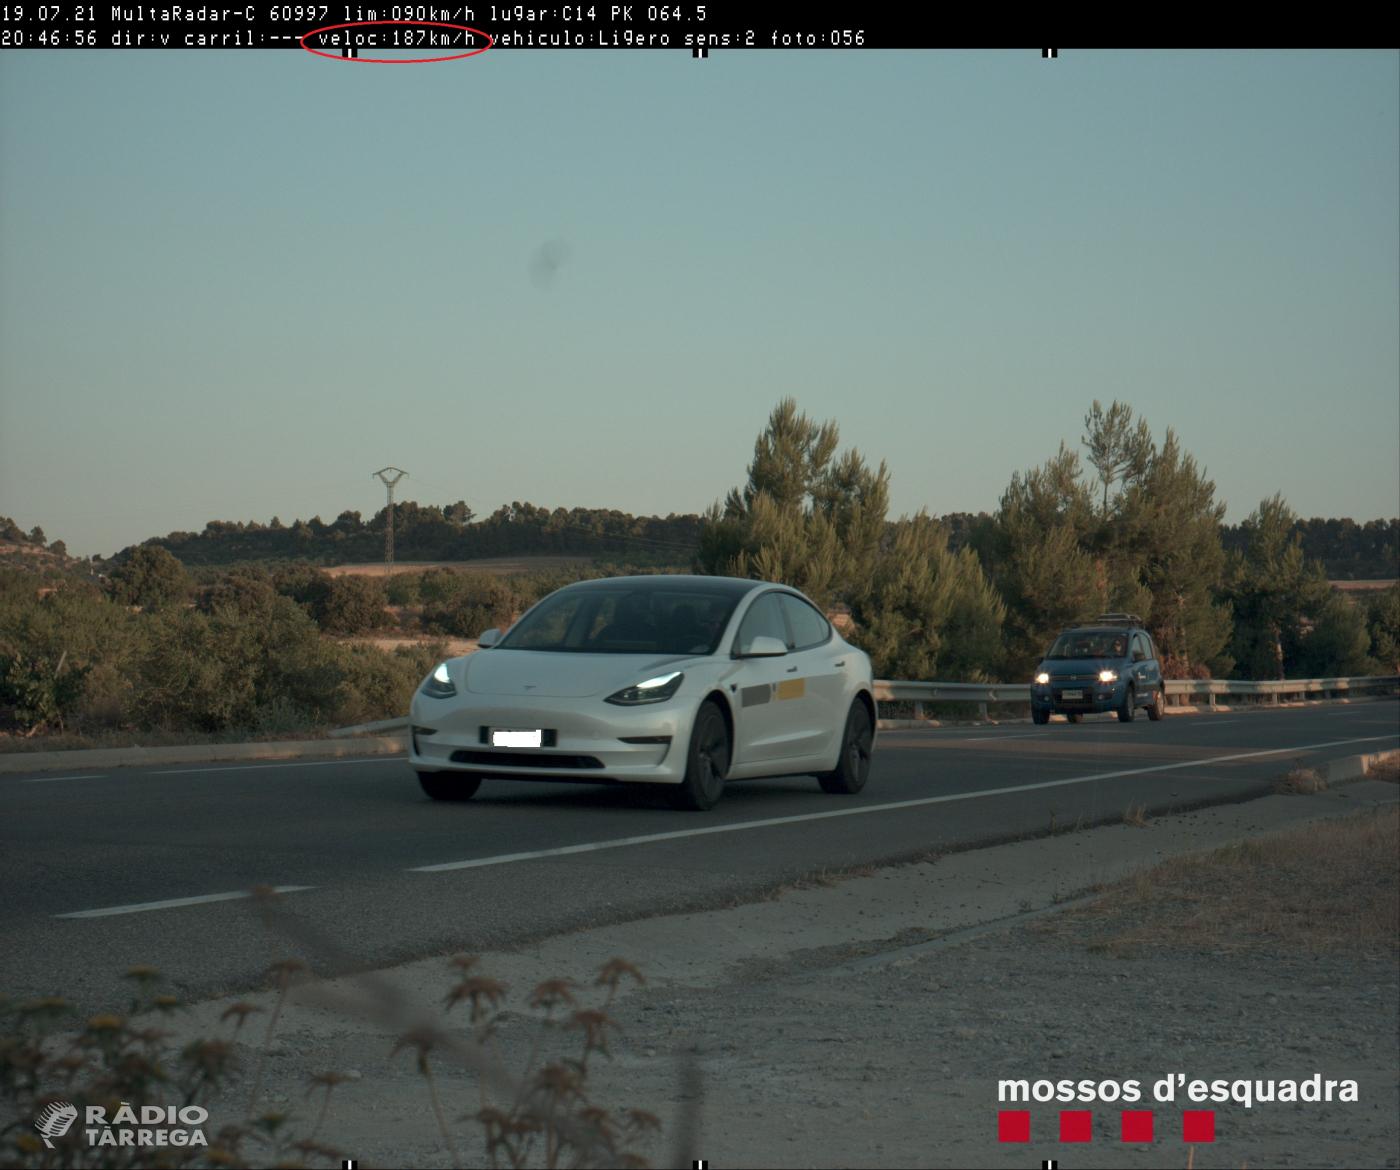 Els Mossos d'esquadra denuncien penalment un conductor per circular a 187 km/h per la C-14 a l'Urgell